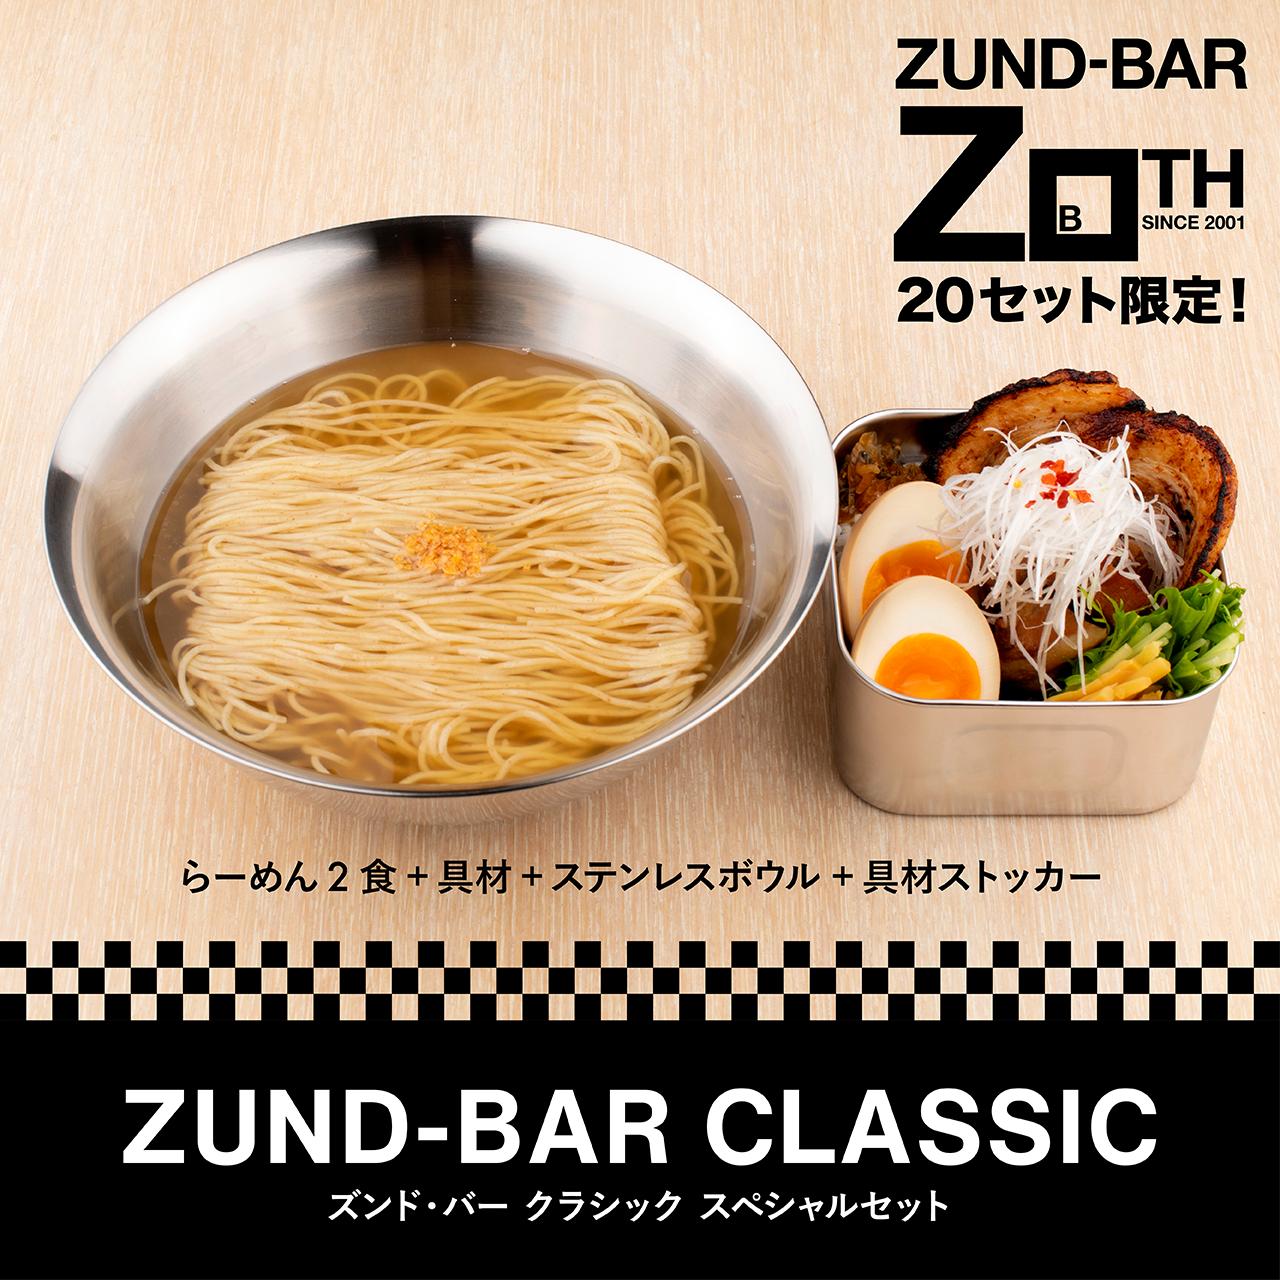 再販【先着20セット限定】ZUND-BAR CLASSIC スペシャルセット